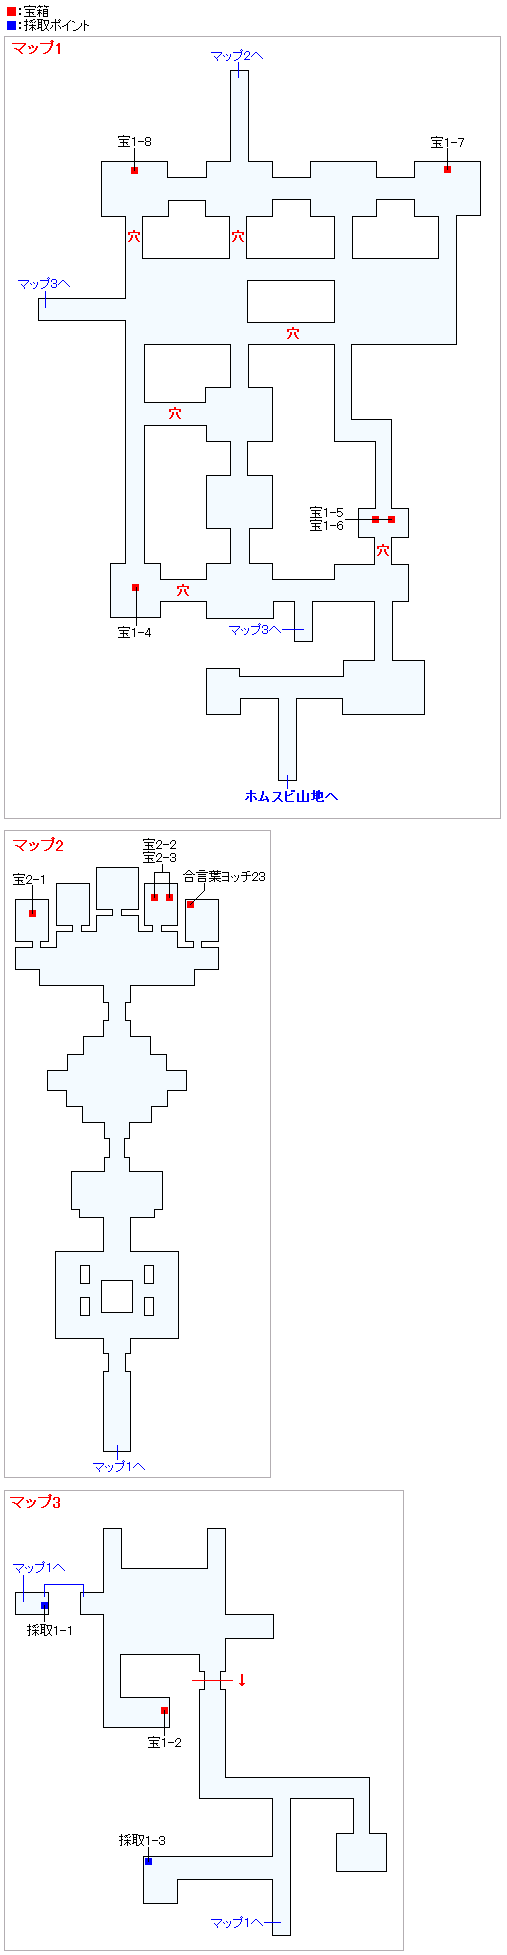 荒野の地下迷宮(2Dモード)のマップ画像